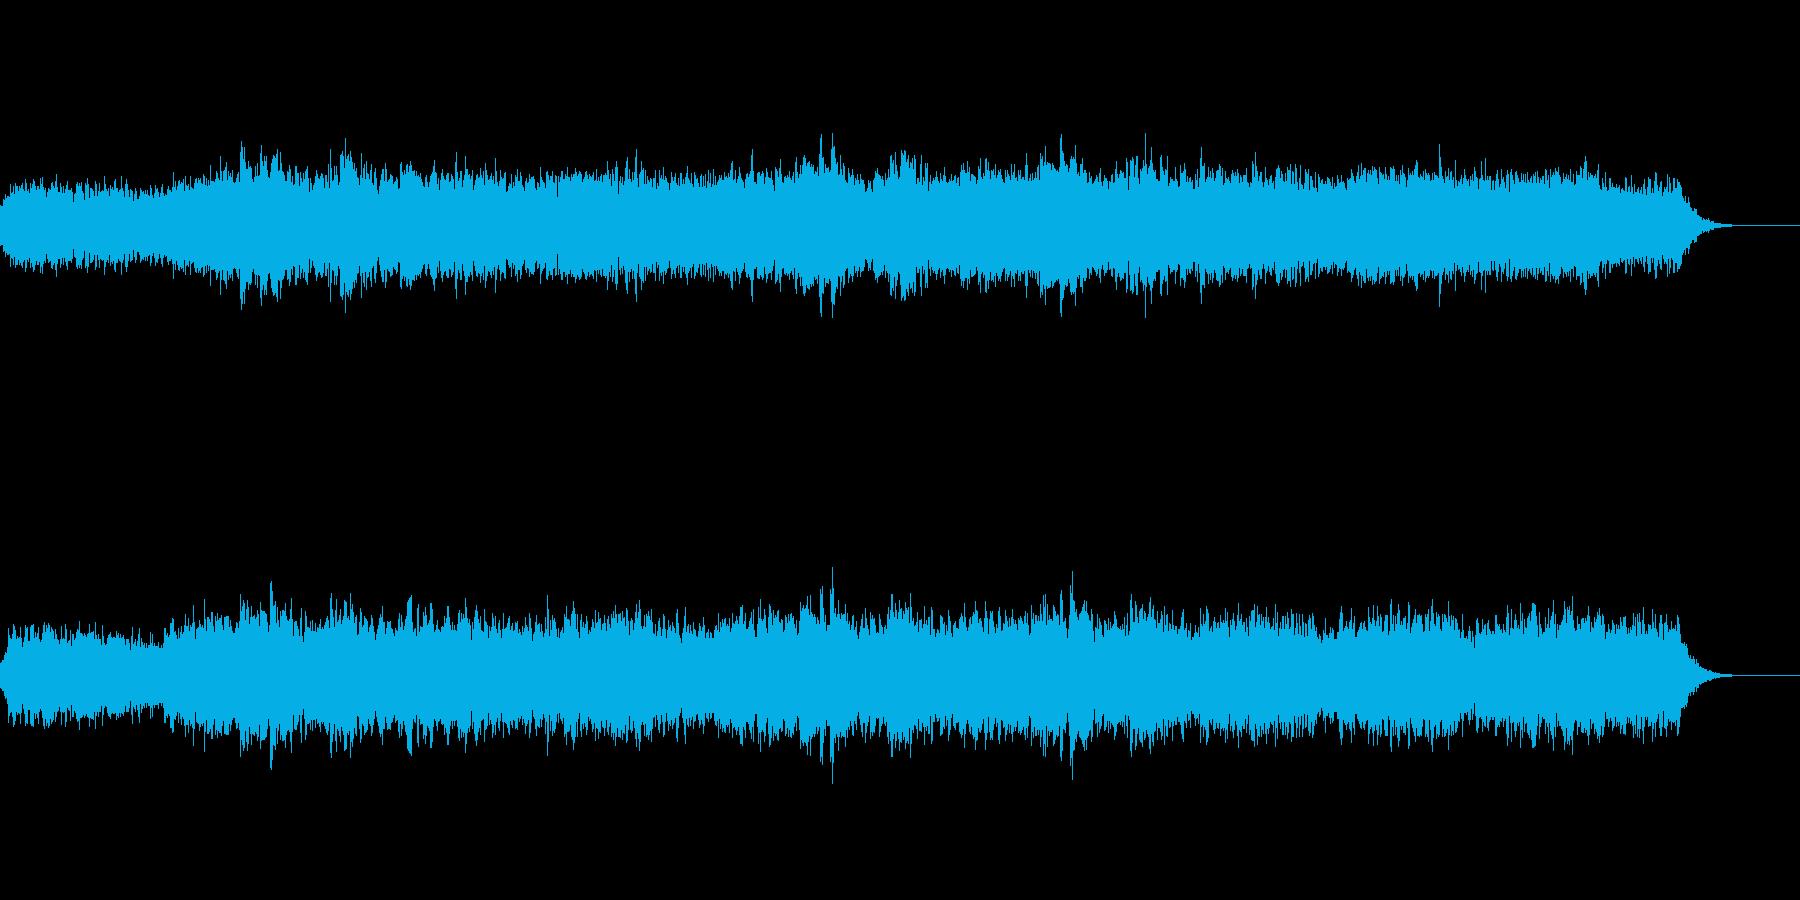 銀河のイメージの美しいシンセサイザー音楽の再生済みの波形